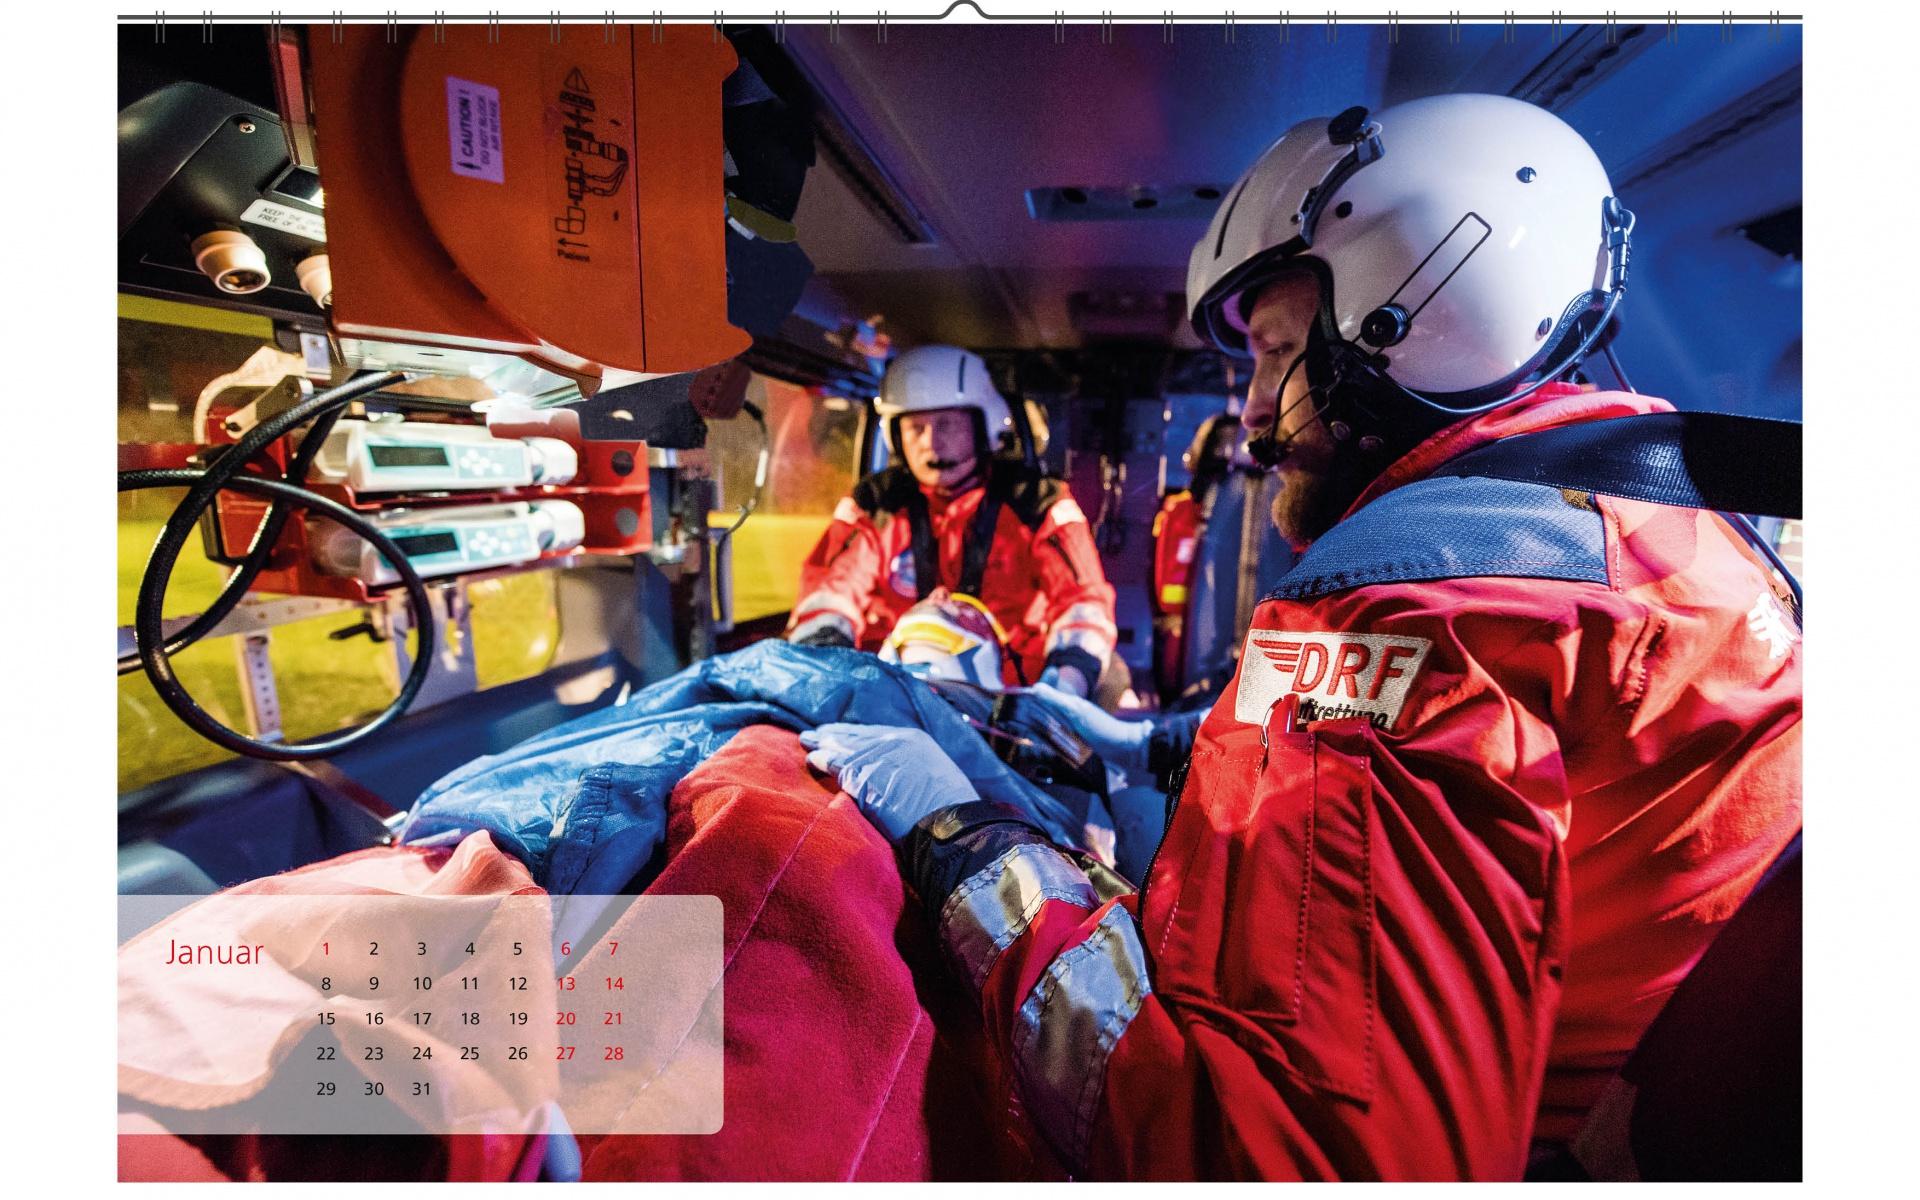 Tag und Nacht im Einsatz: An neun Standorten in Deutschland sind die Besatzungen der DRF Luftrettung rund um die Uhr startklar, um im Notfall schnelle medizinische Hilfe zu bringen.